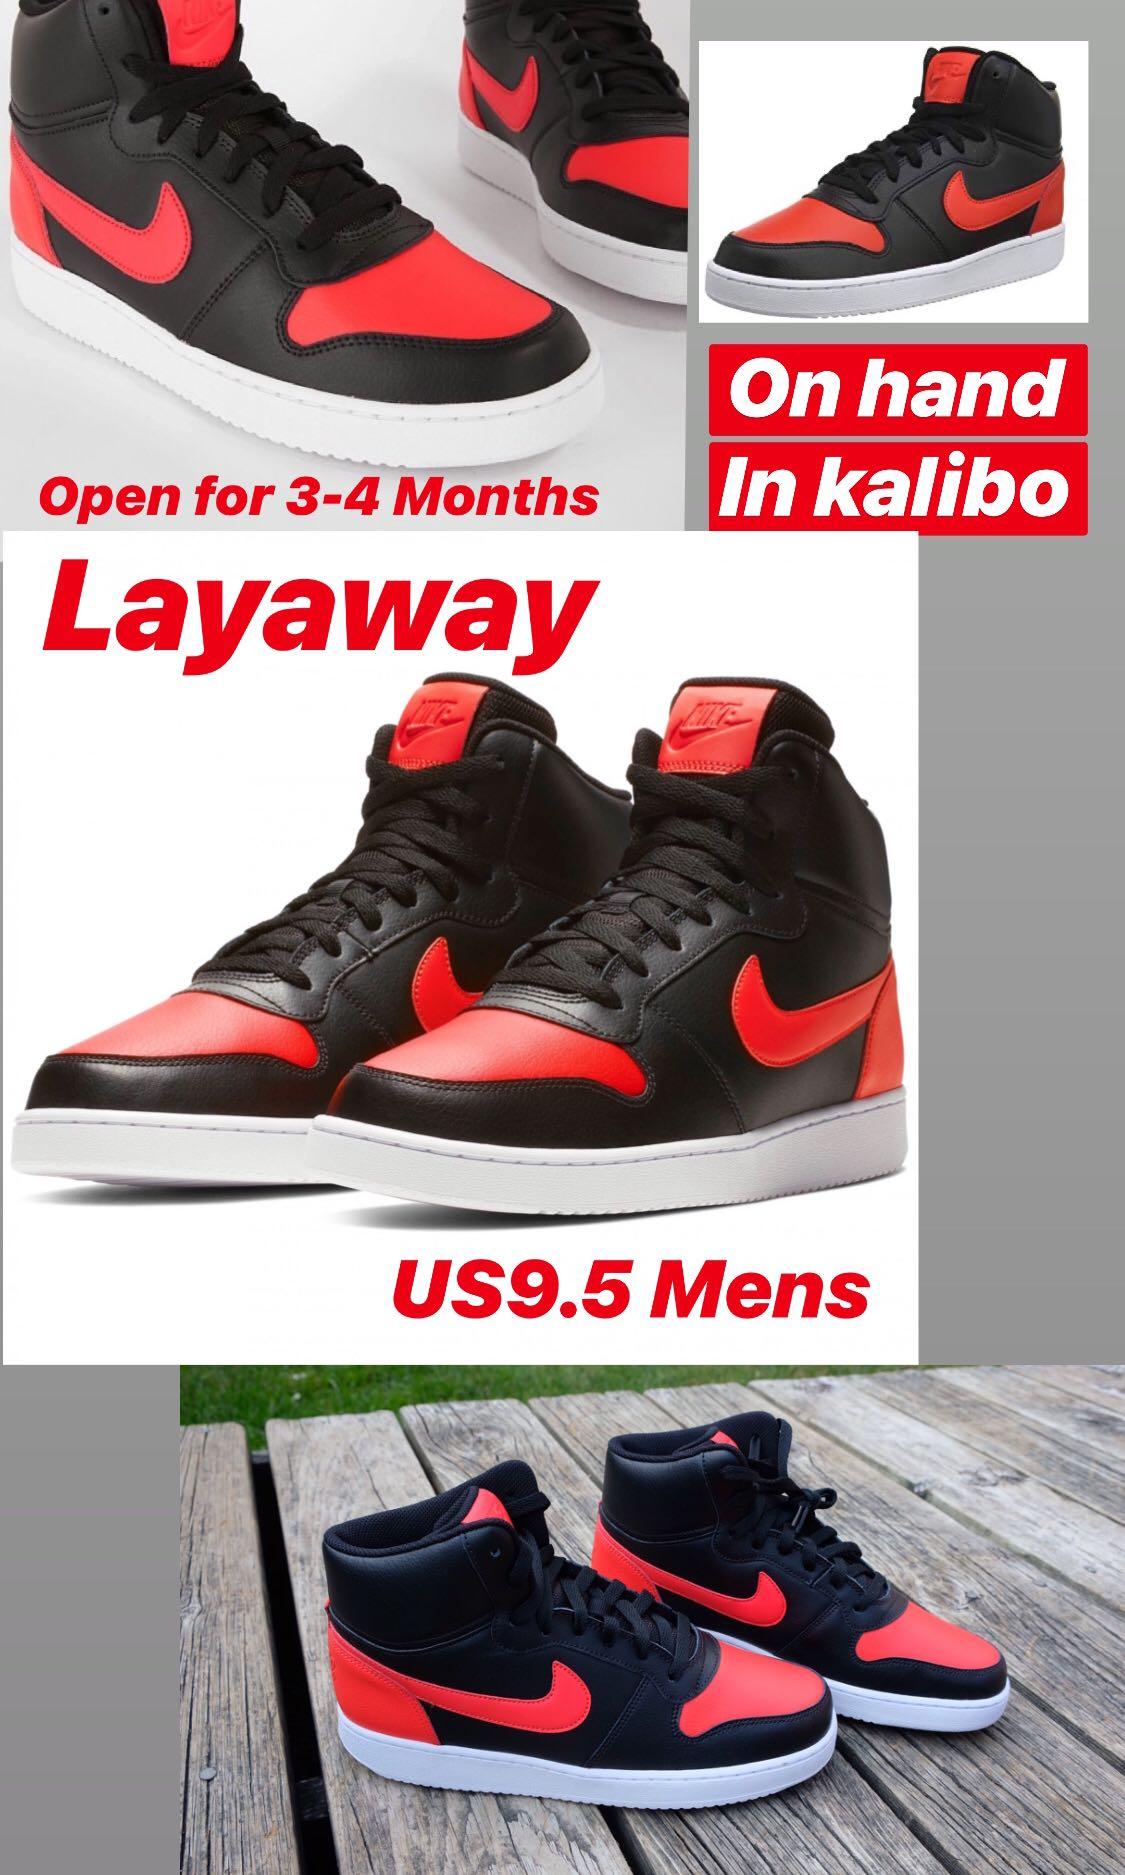 Nike High cut Shoes, Men's Fashion